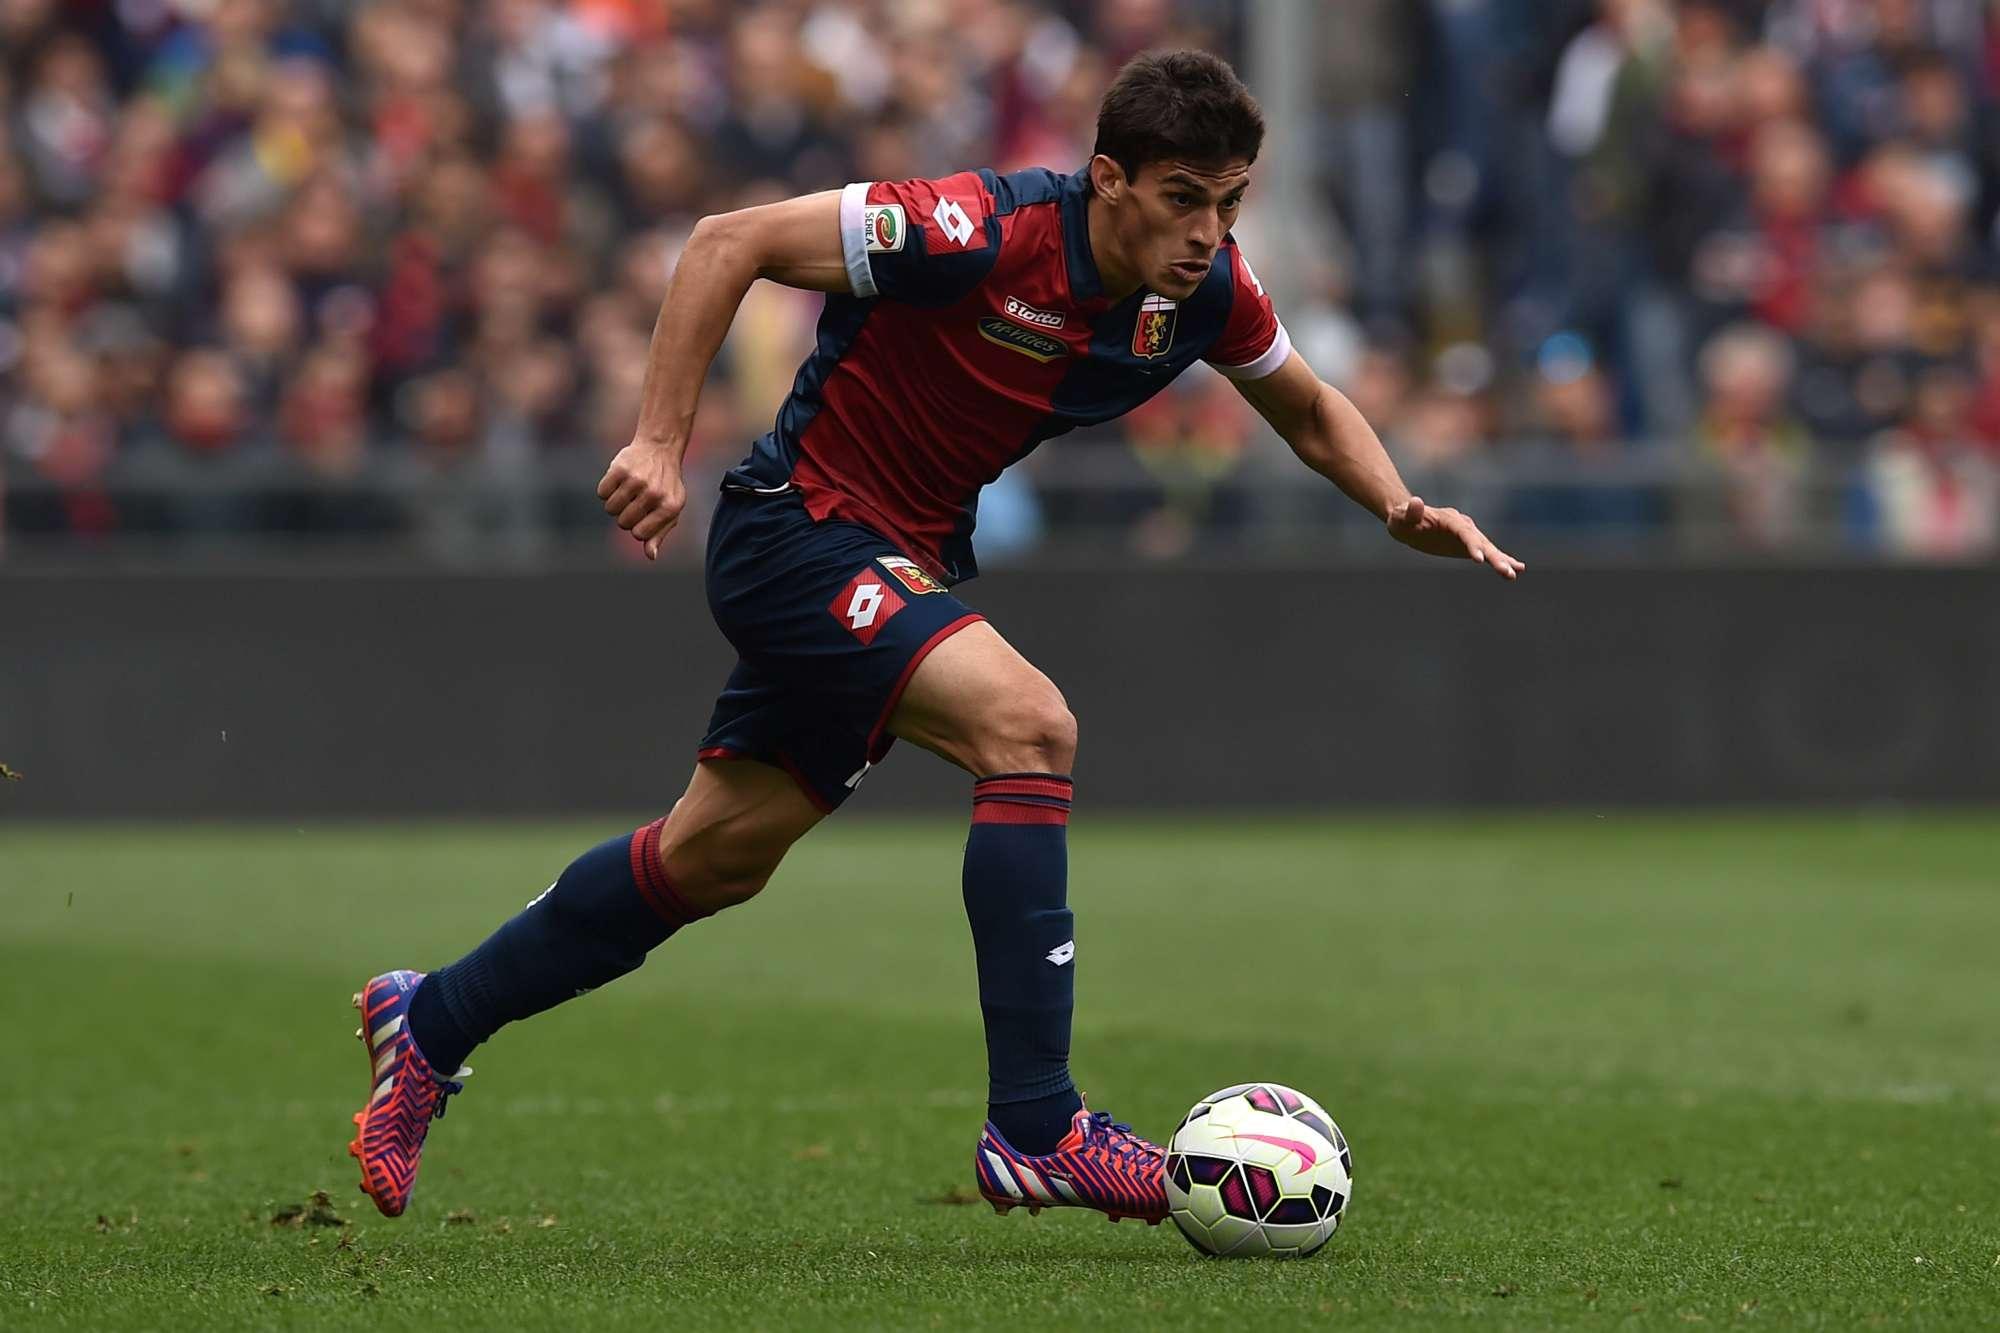 Diego Perotti, l'anno scorso fu uno dei protagonisti della bella stagione rossoblu